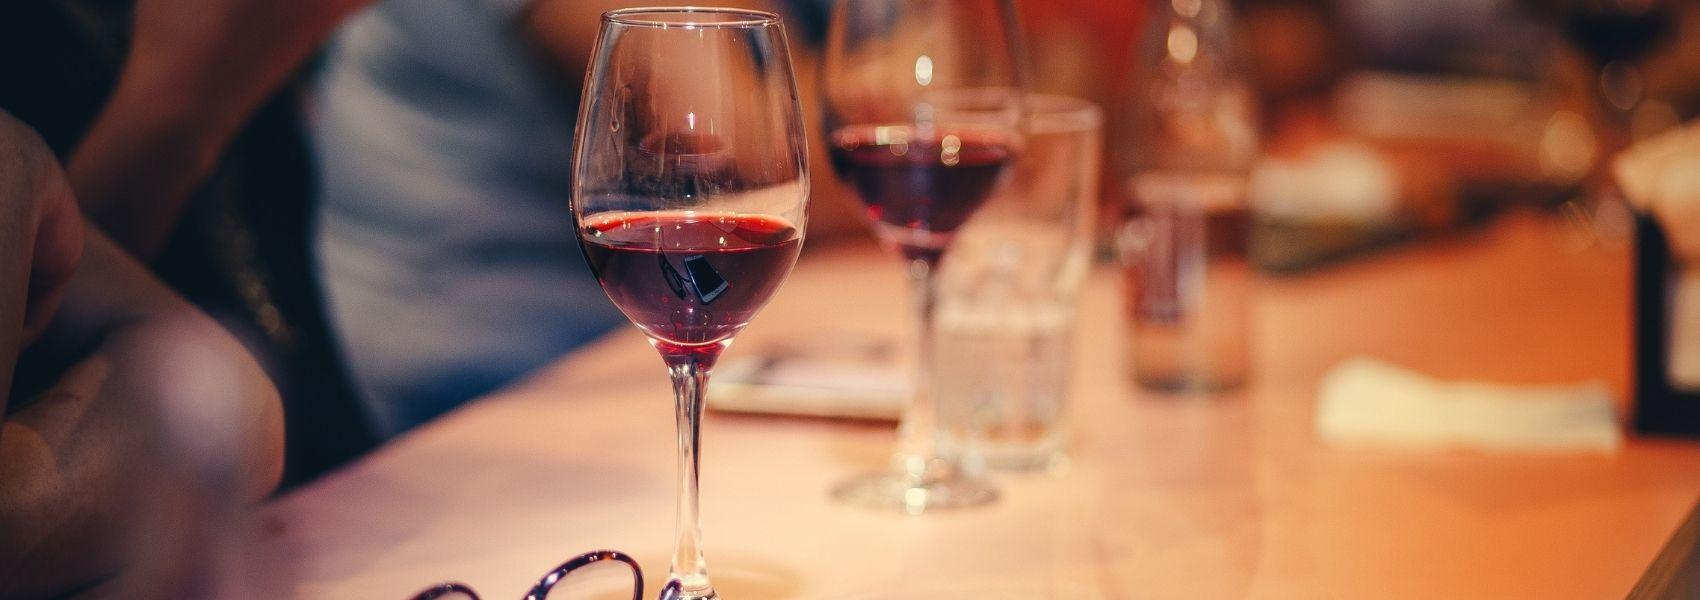 Estudo associa consumo de álcool a menor probabilidade de engravidar